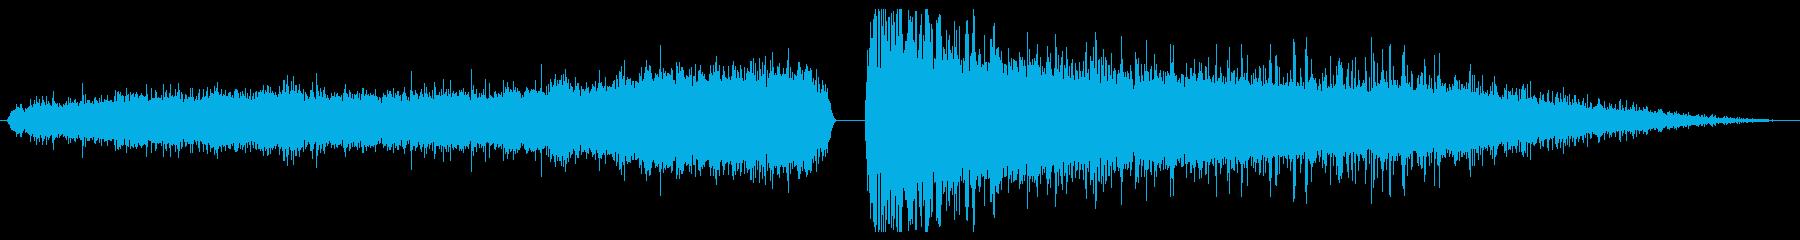 爆弾ヒューズの燃焼と爆発の再生済みの波形